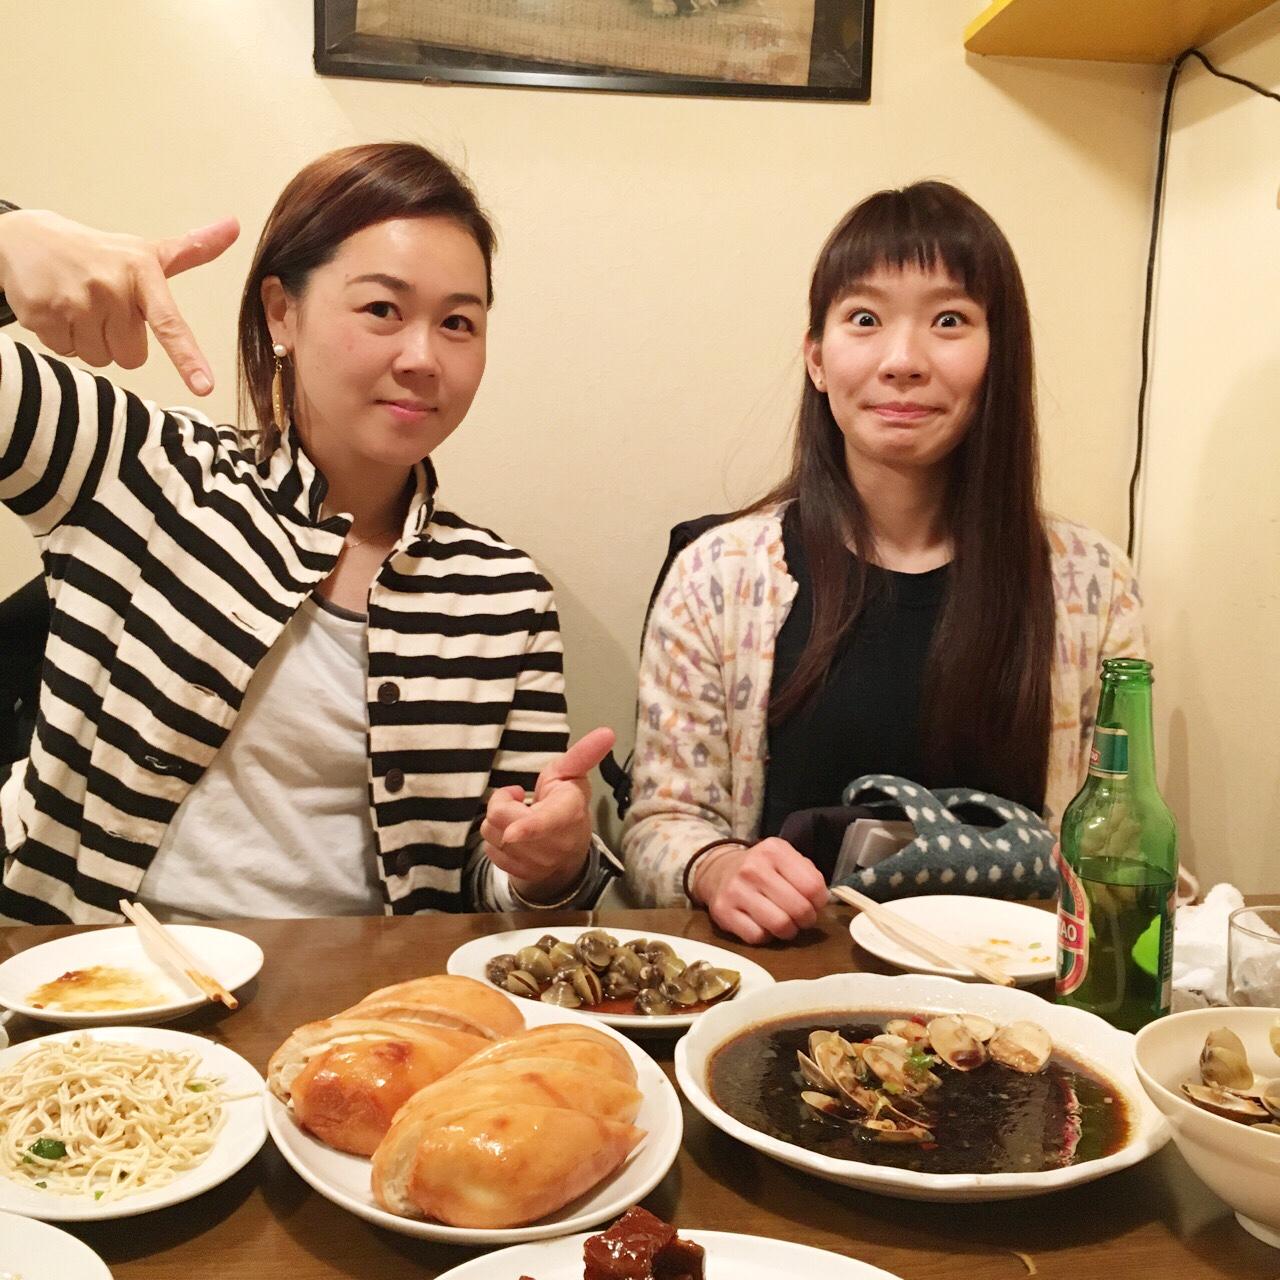 上海小吃でゲテものパーティな夜_e0230090_23175990.jpg